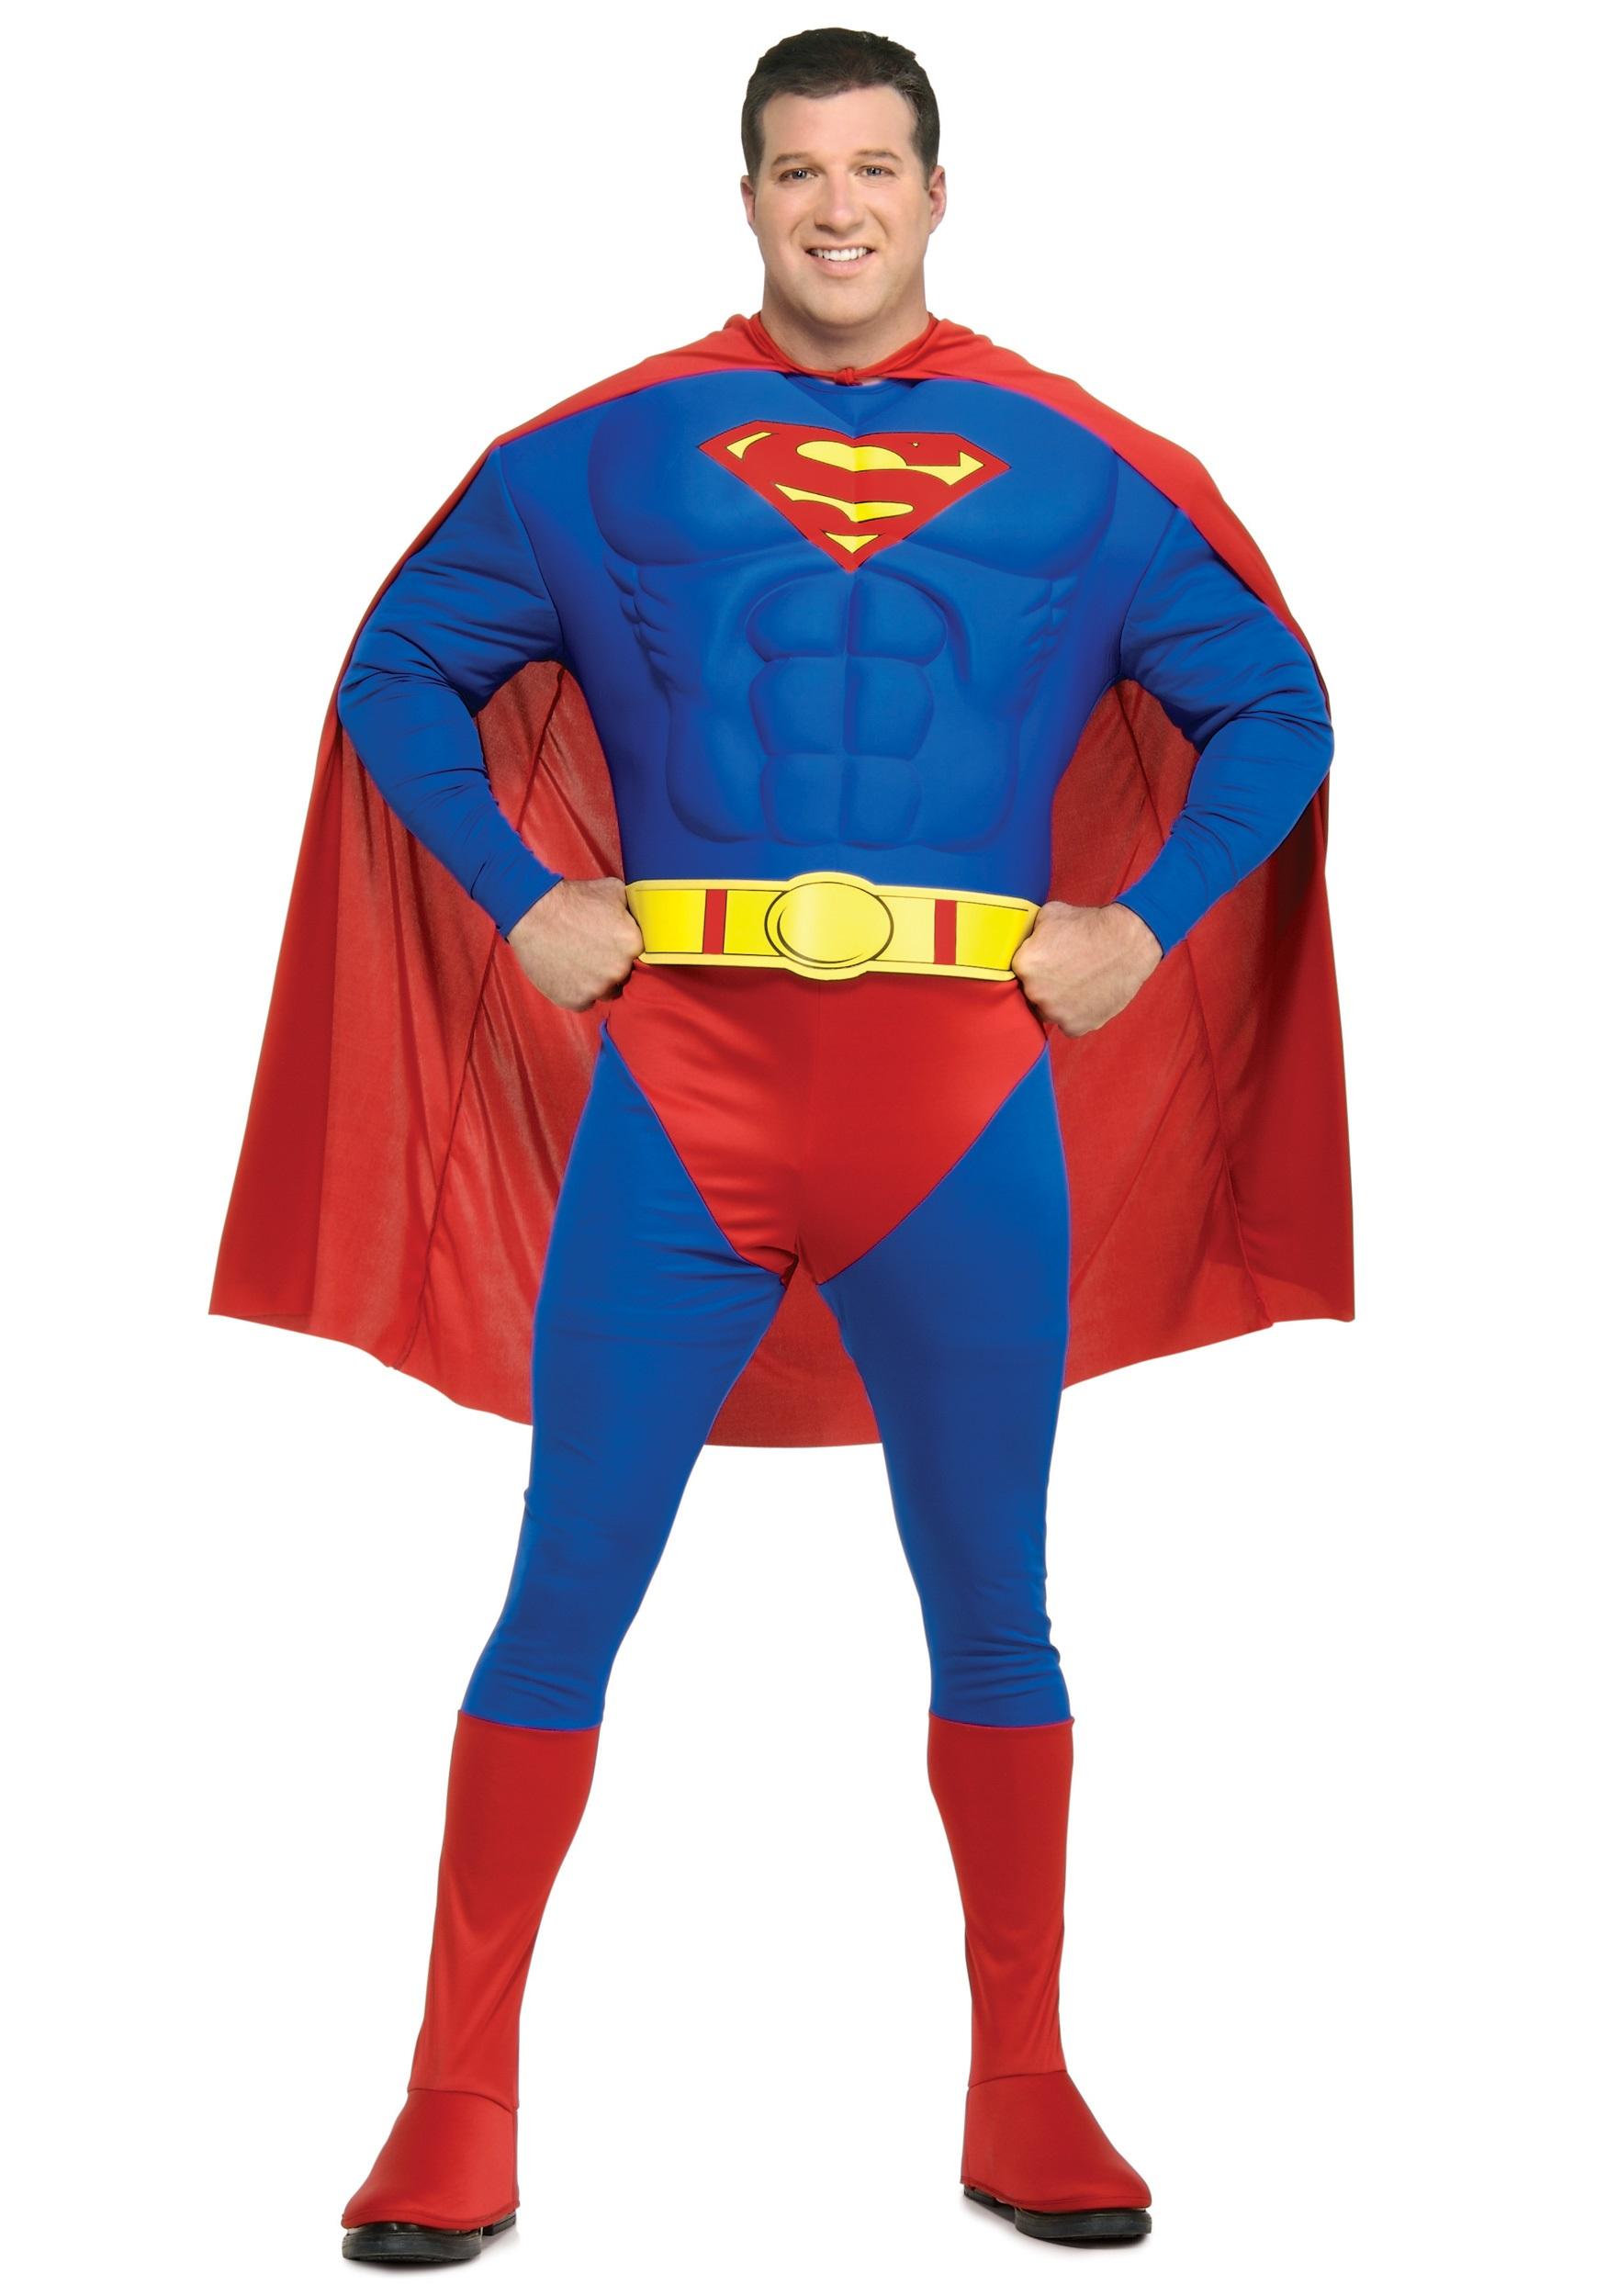 Les hommes trouvent leur sexe beau dans Hommes plus-size-superman-costume-zoom